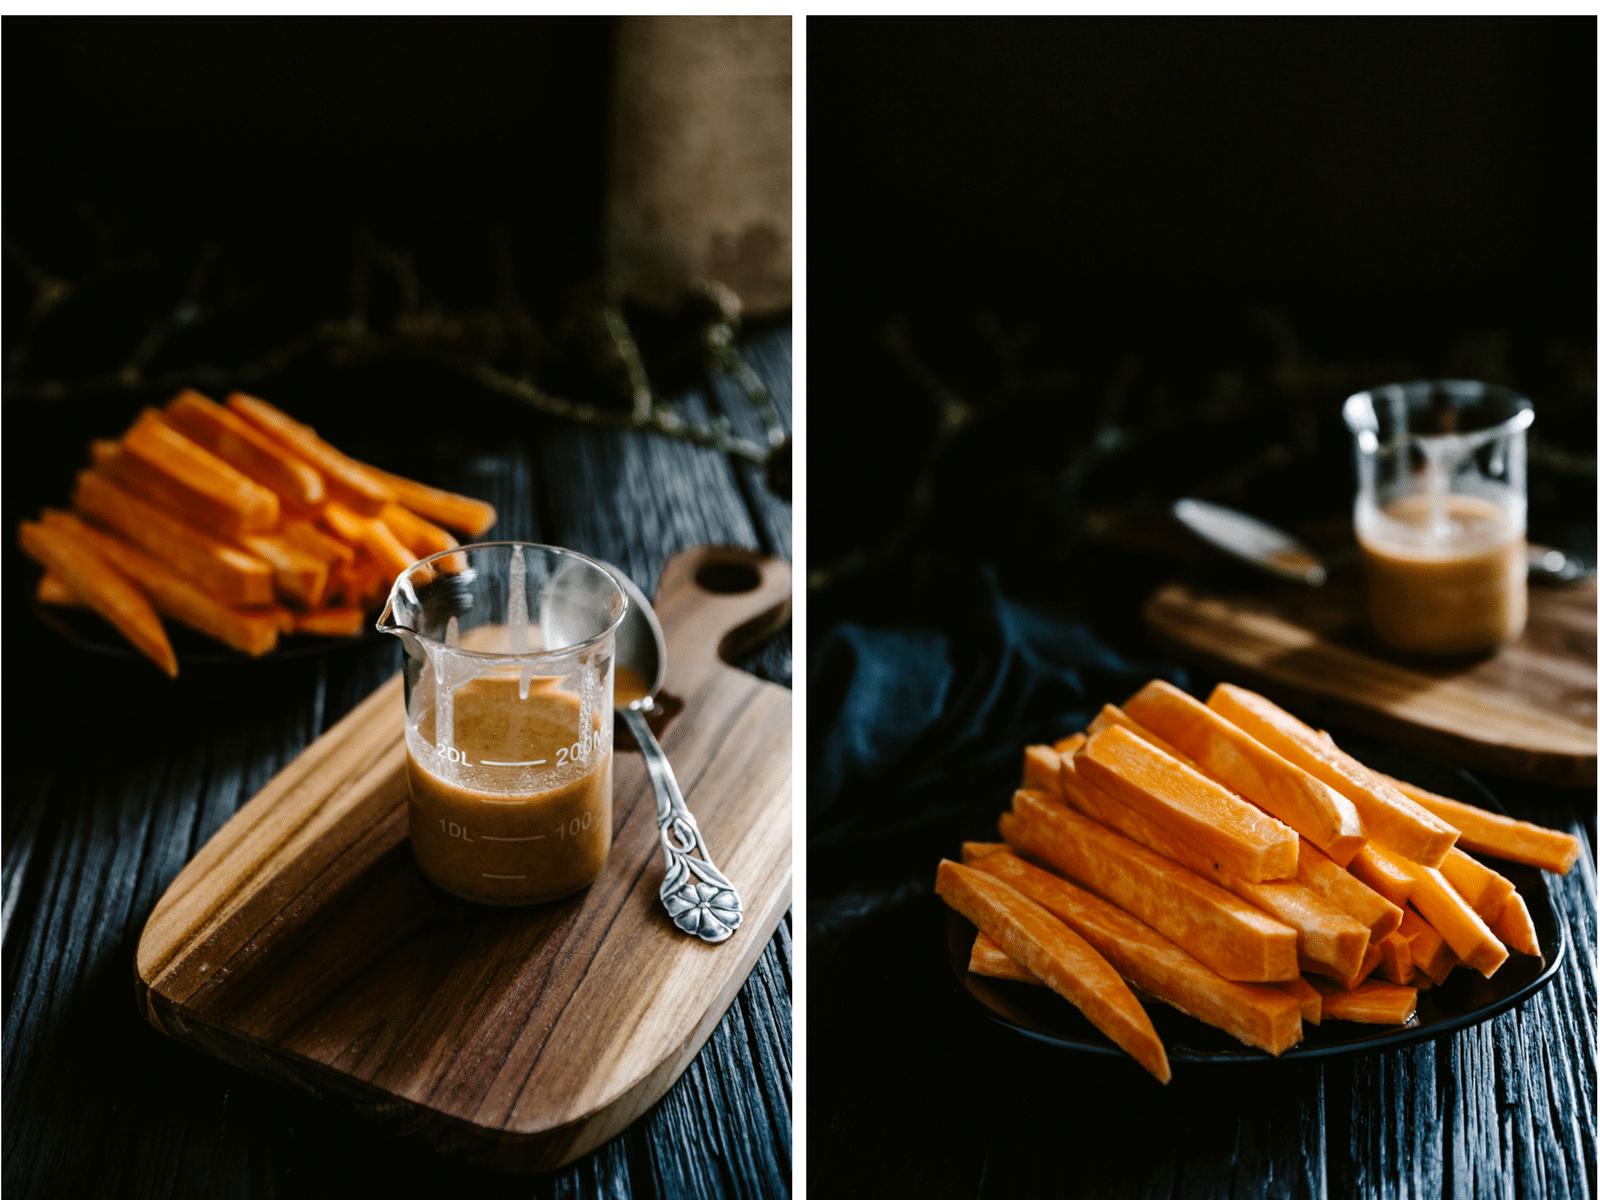 søde kartofler opskrift, søde kartoffel fritter i ovn, sunde fritter